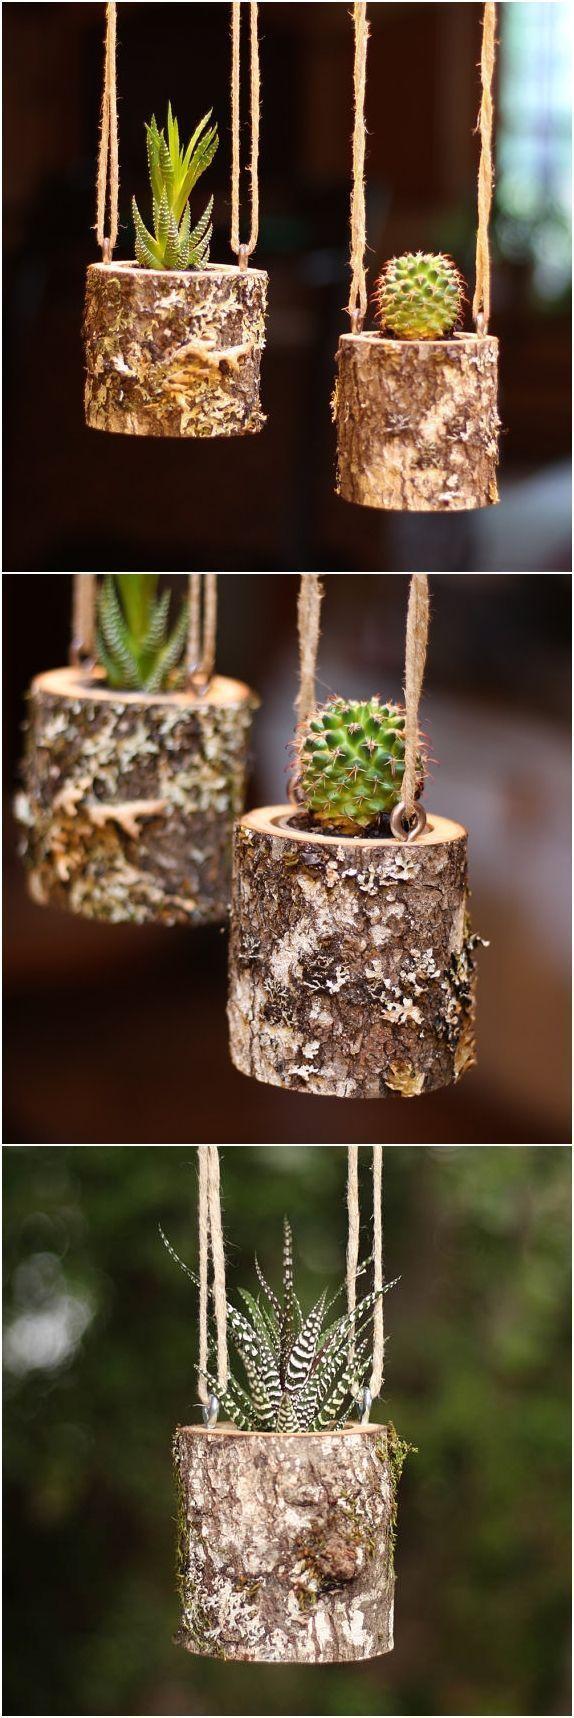 House warming gift planter hanging planter indoor rustic hanging planter ...#gift #hanging #house #indoor #planter #rustic #warming